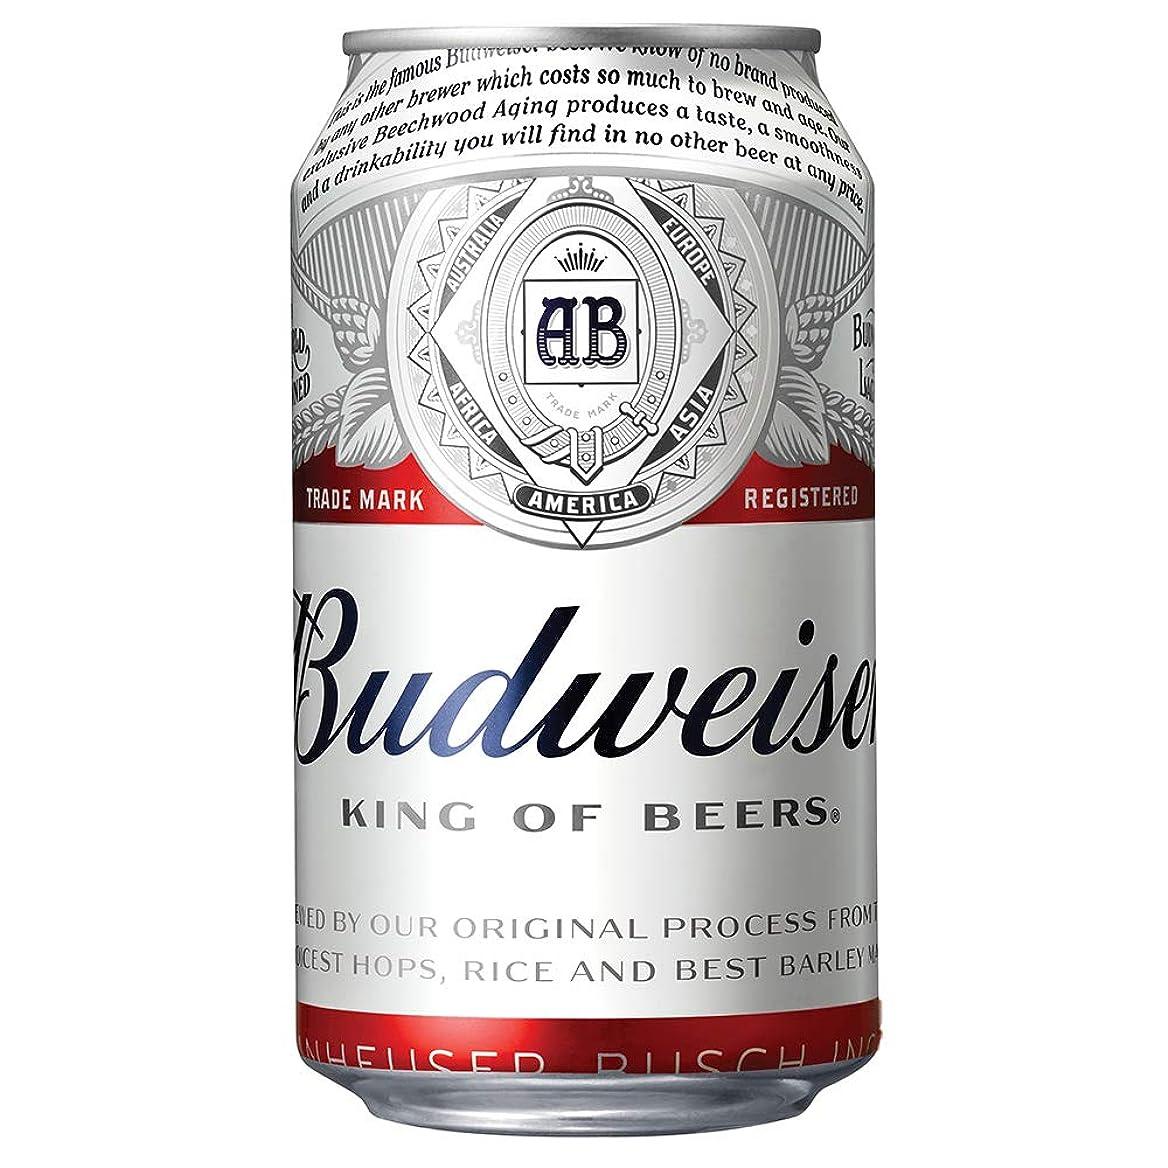 アコード無秩序ペパーミントバドワイザー ビール 355ml缶 [ ラガータイプ アメリカ 355ml×24本 ]